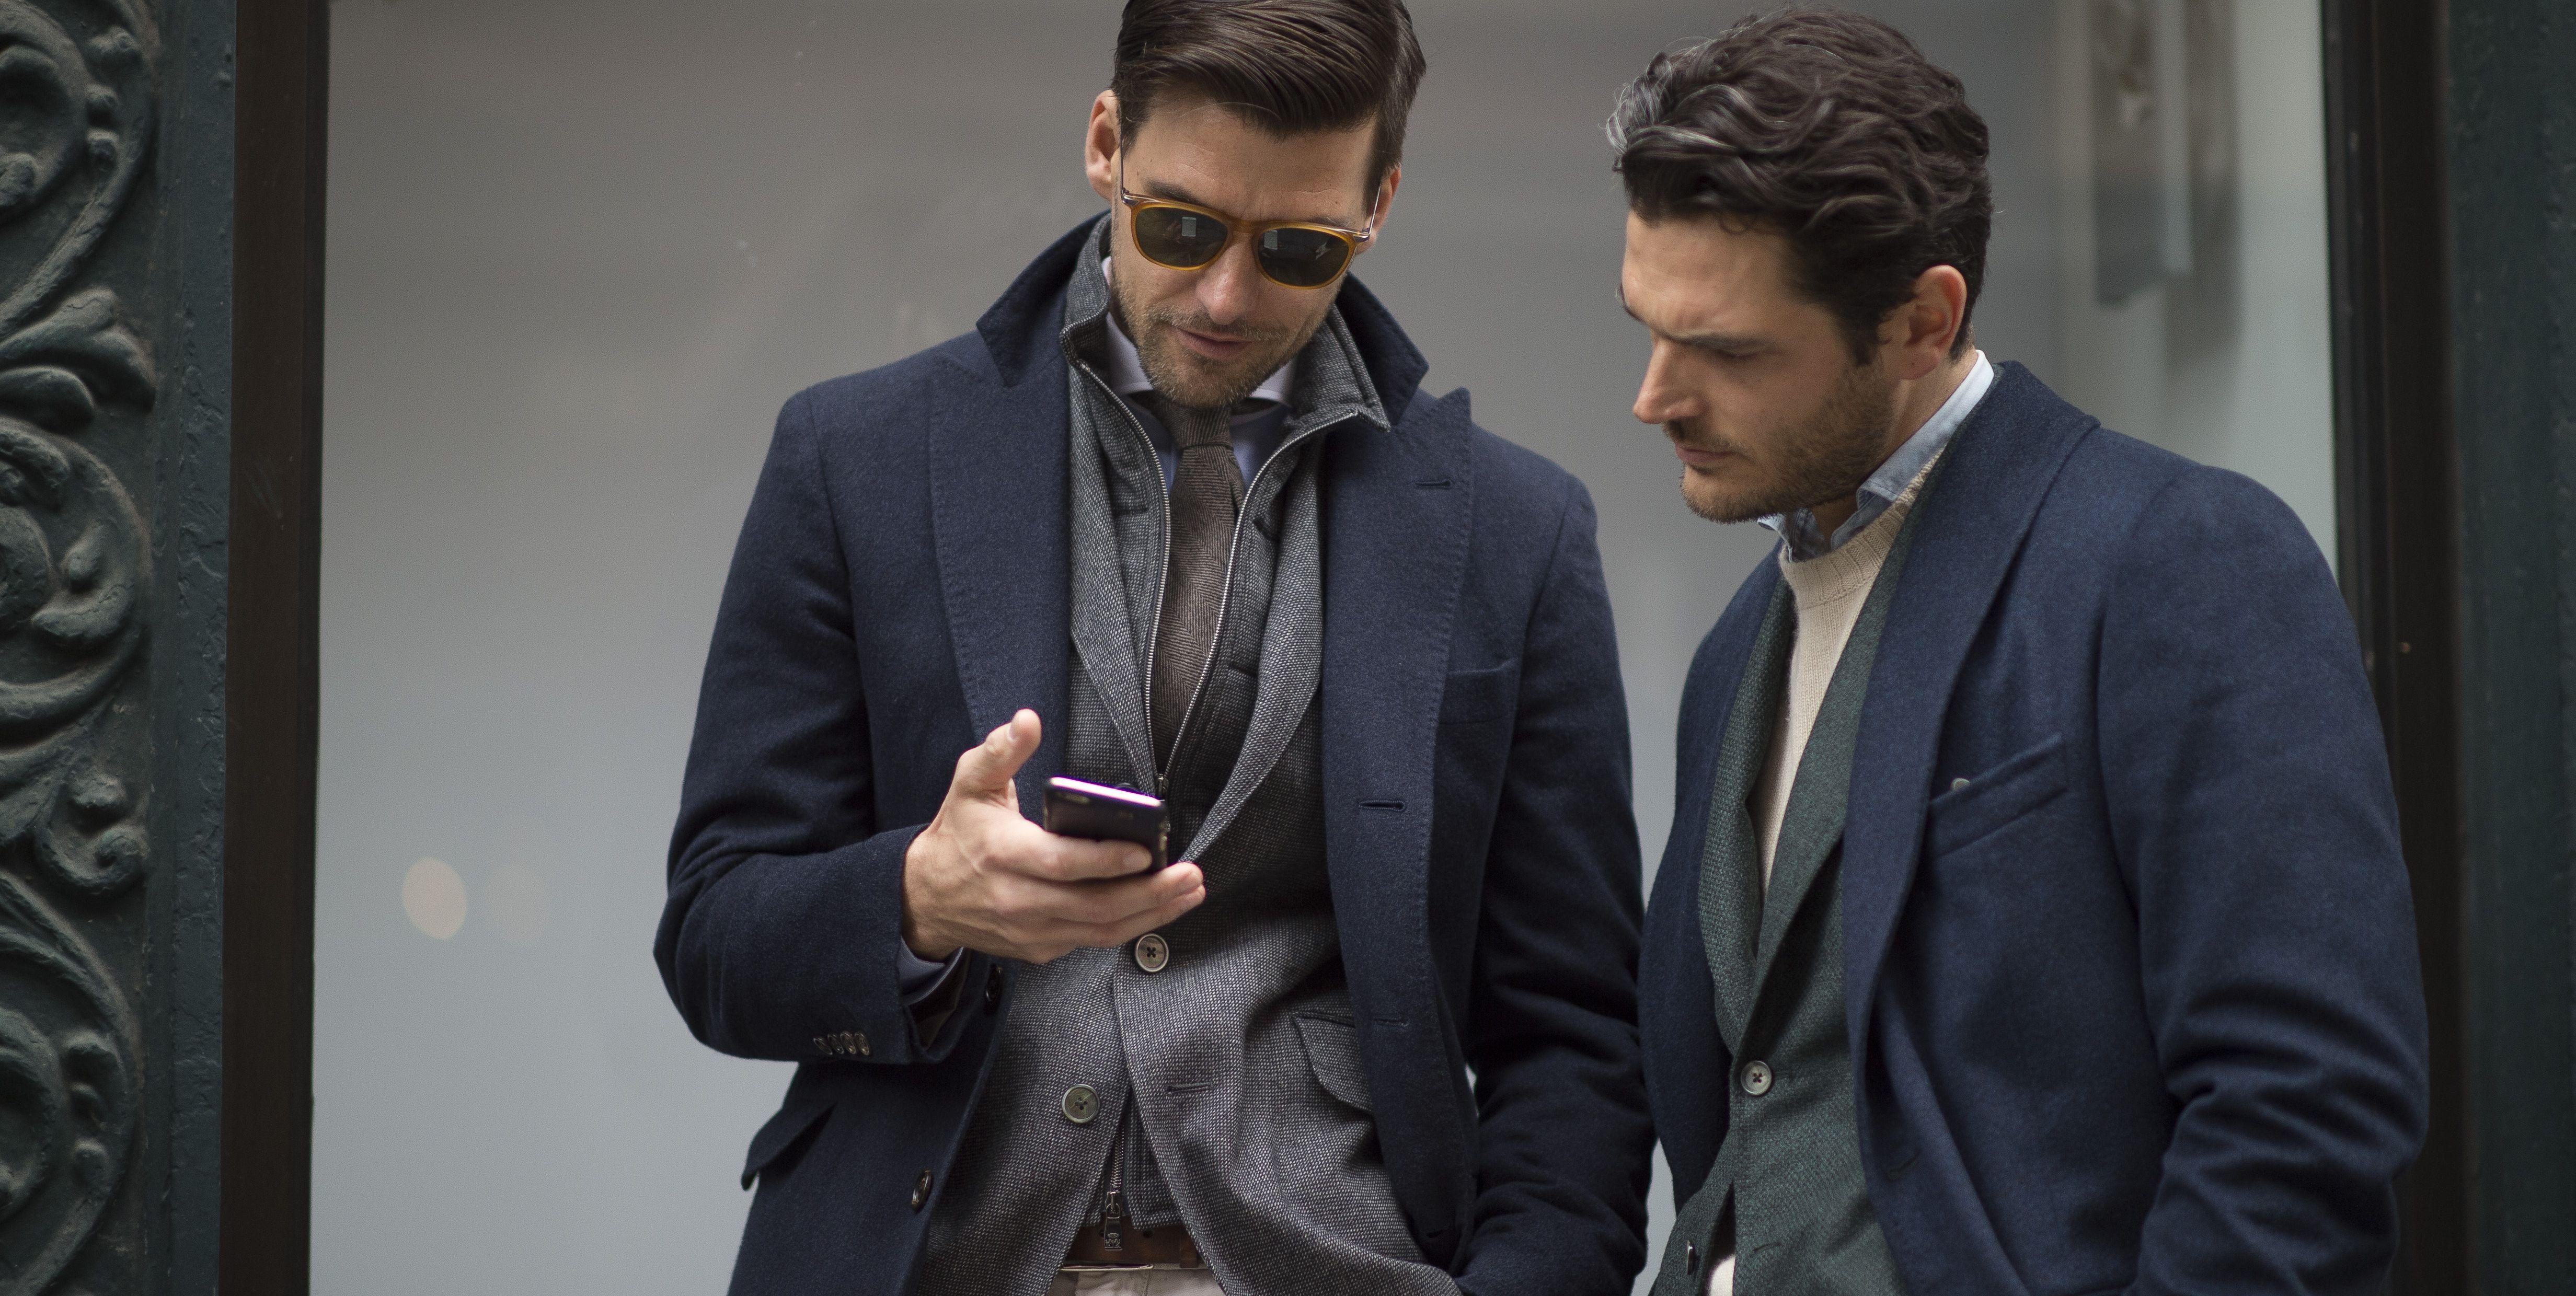 Las tiendas de ropa de hombre que te interesa conocer para renovar tu estilo